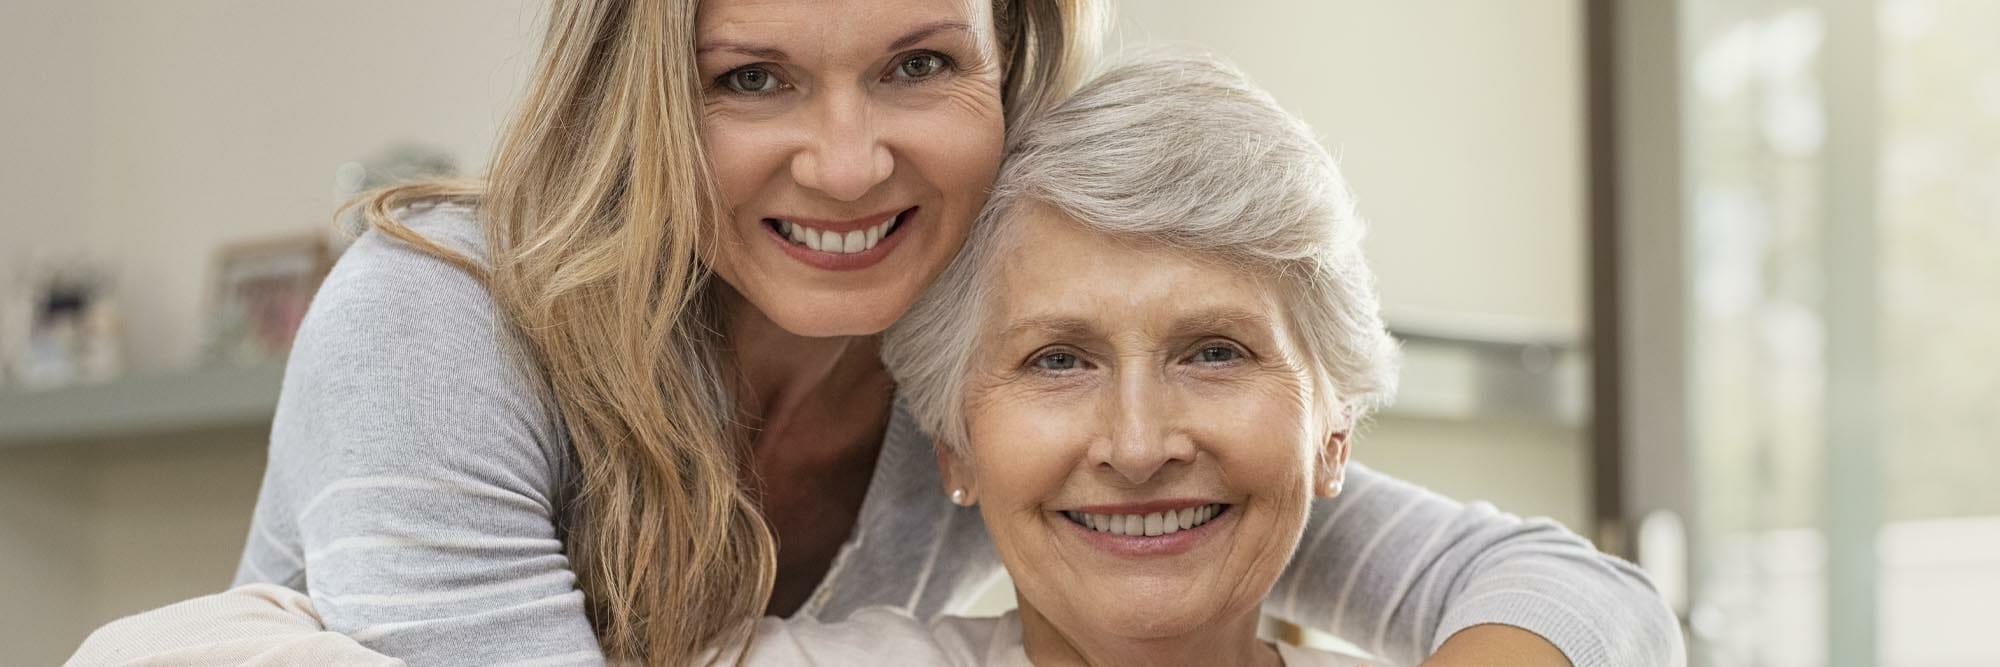 mulheres-checkup